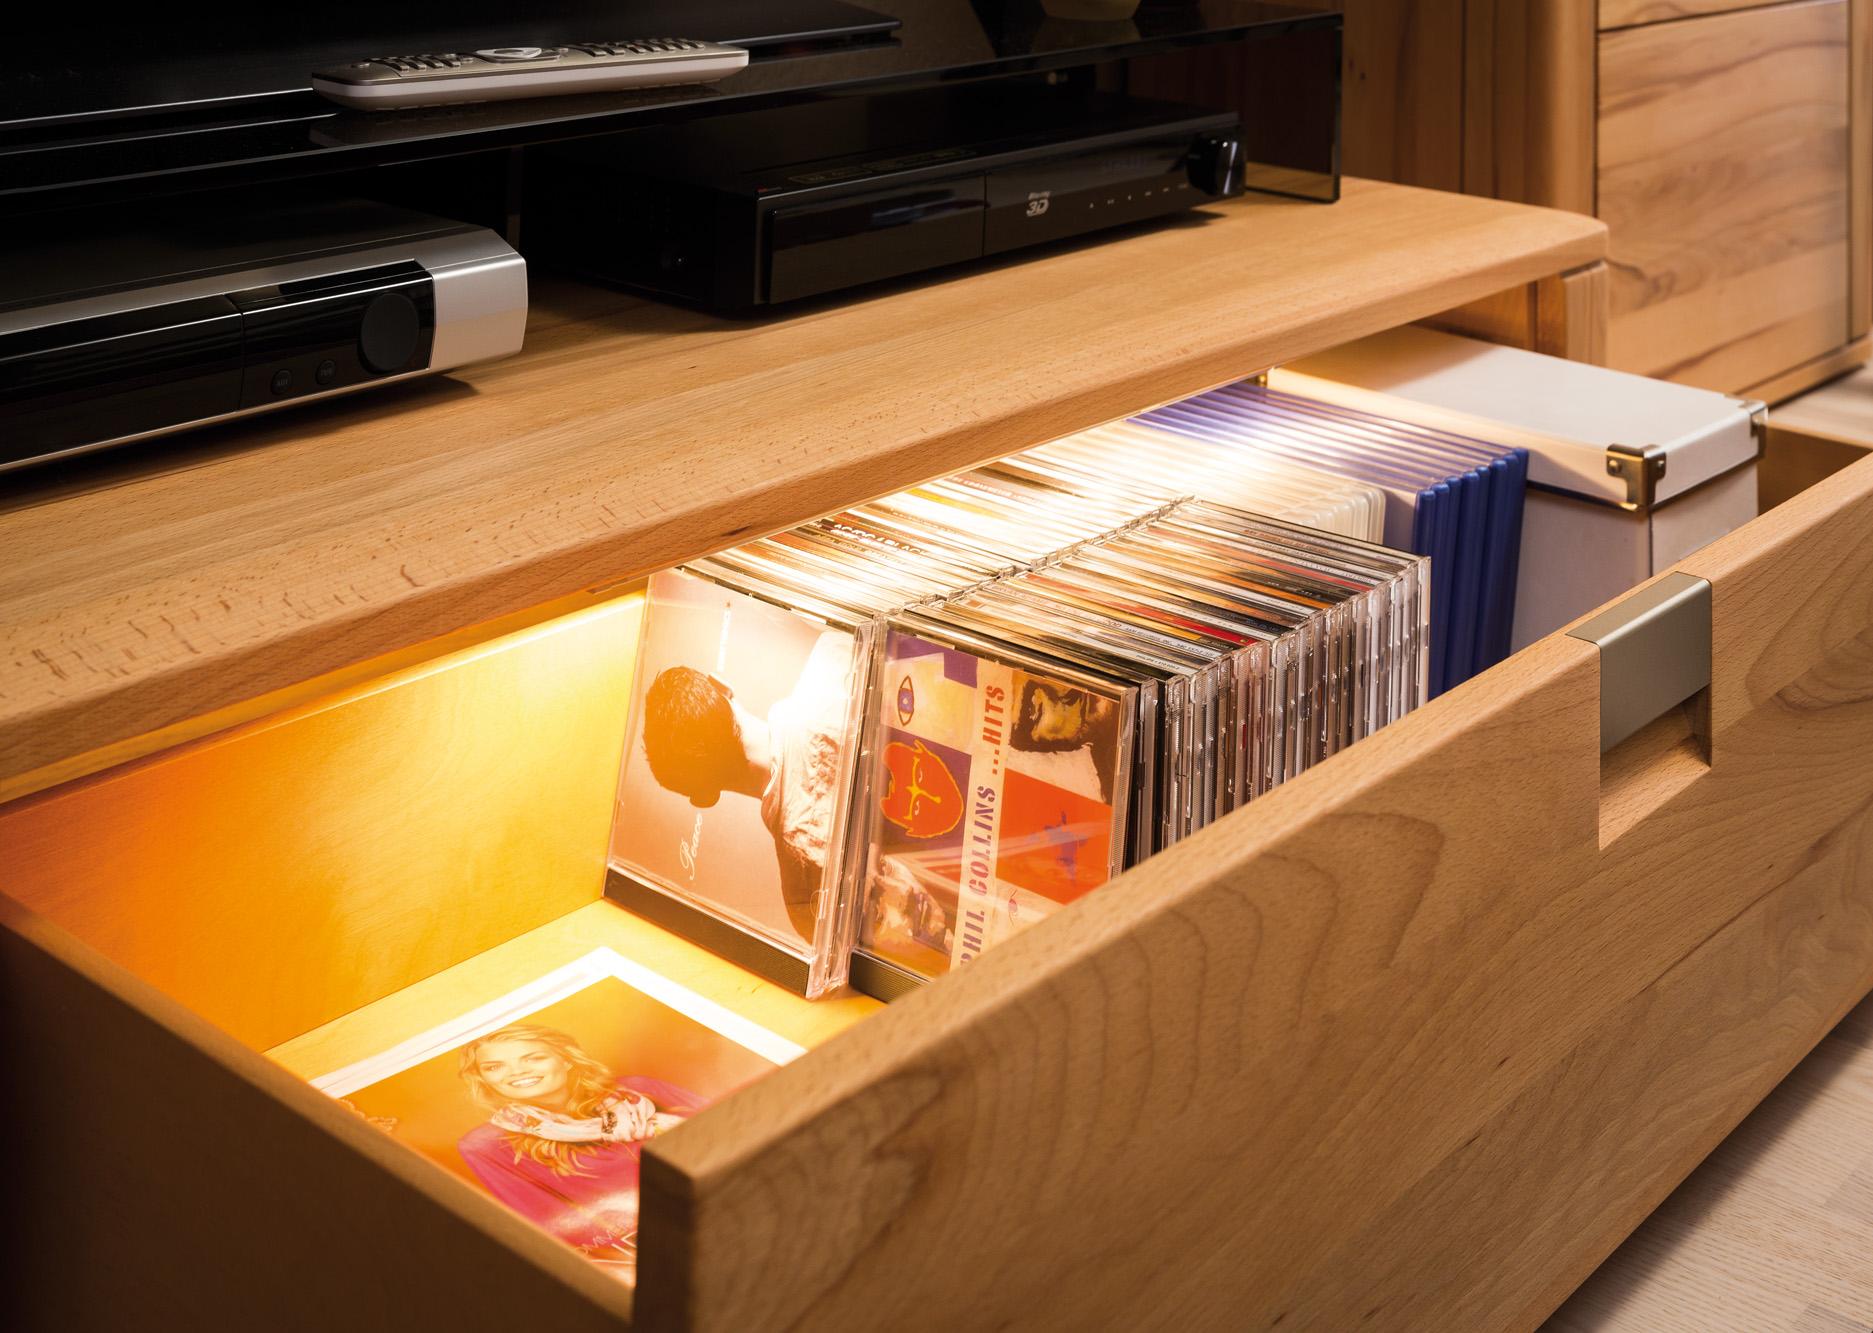 Svítidlo do zásuvky s distančním čidlem, rozsvítí se po otevření zásuvky, vhodné i do skříně. Aulix.